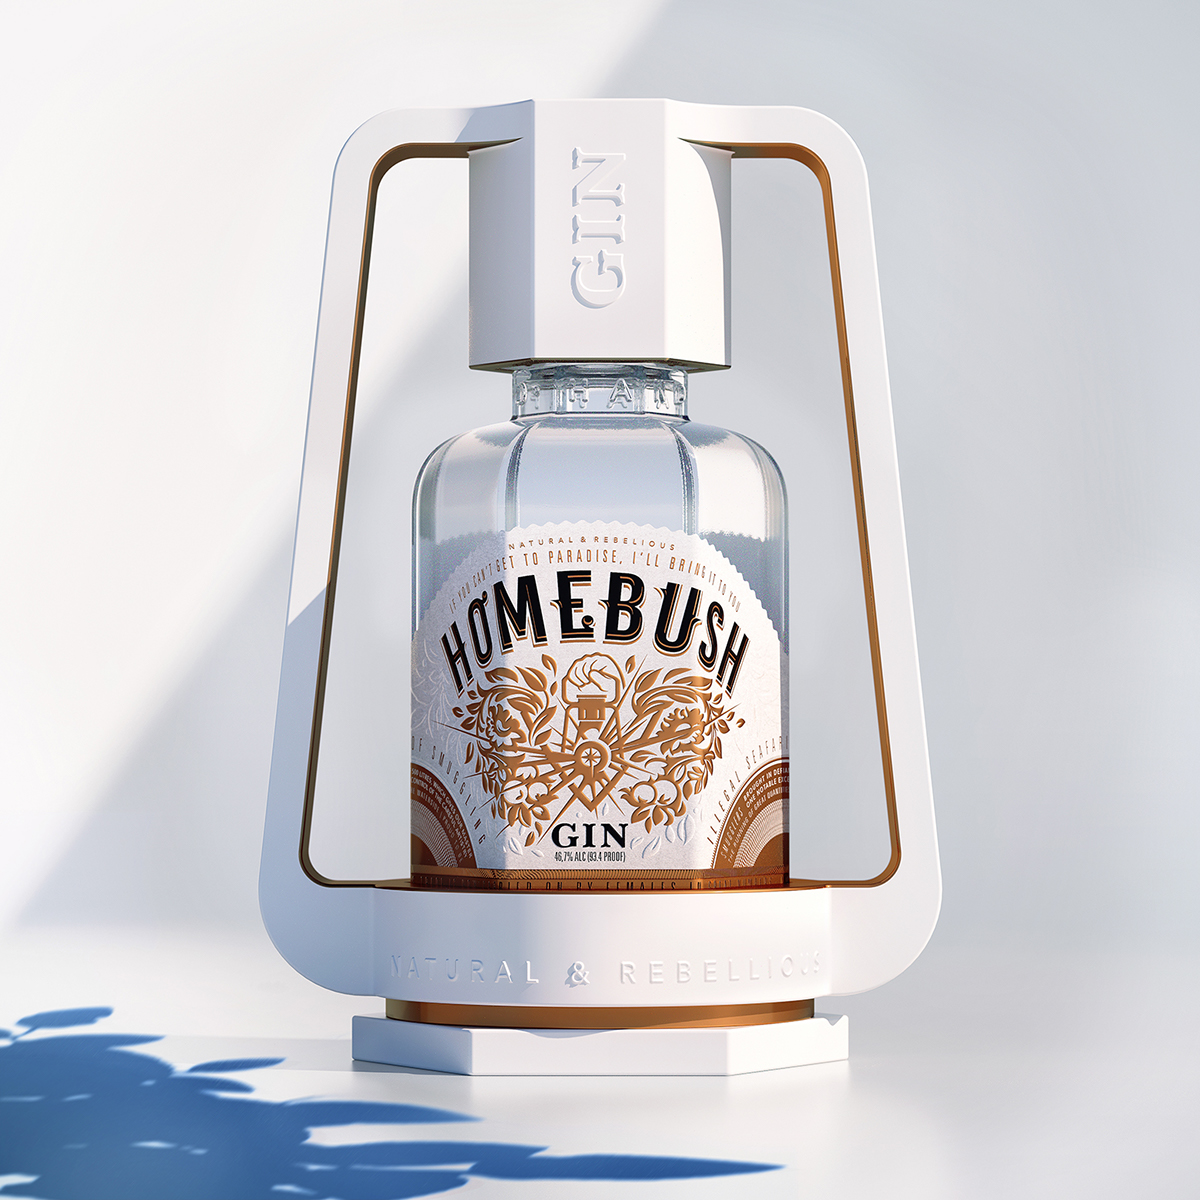 Homebush - Gin